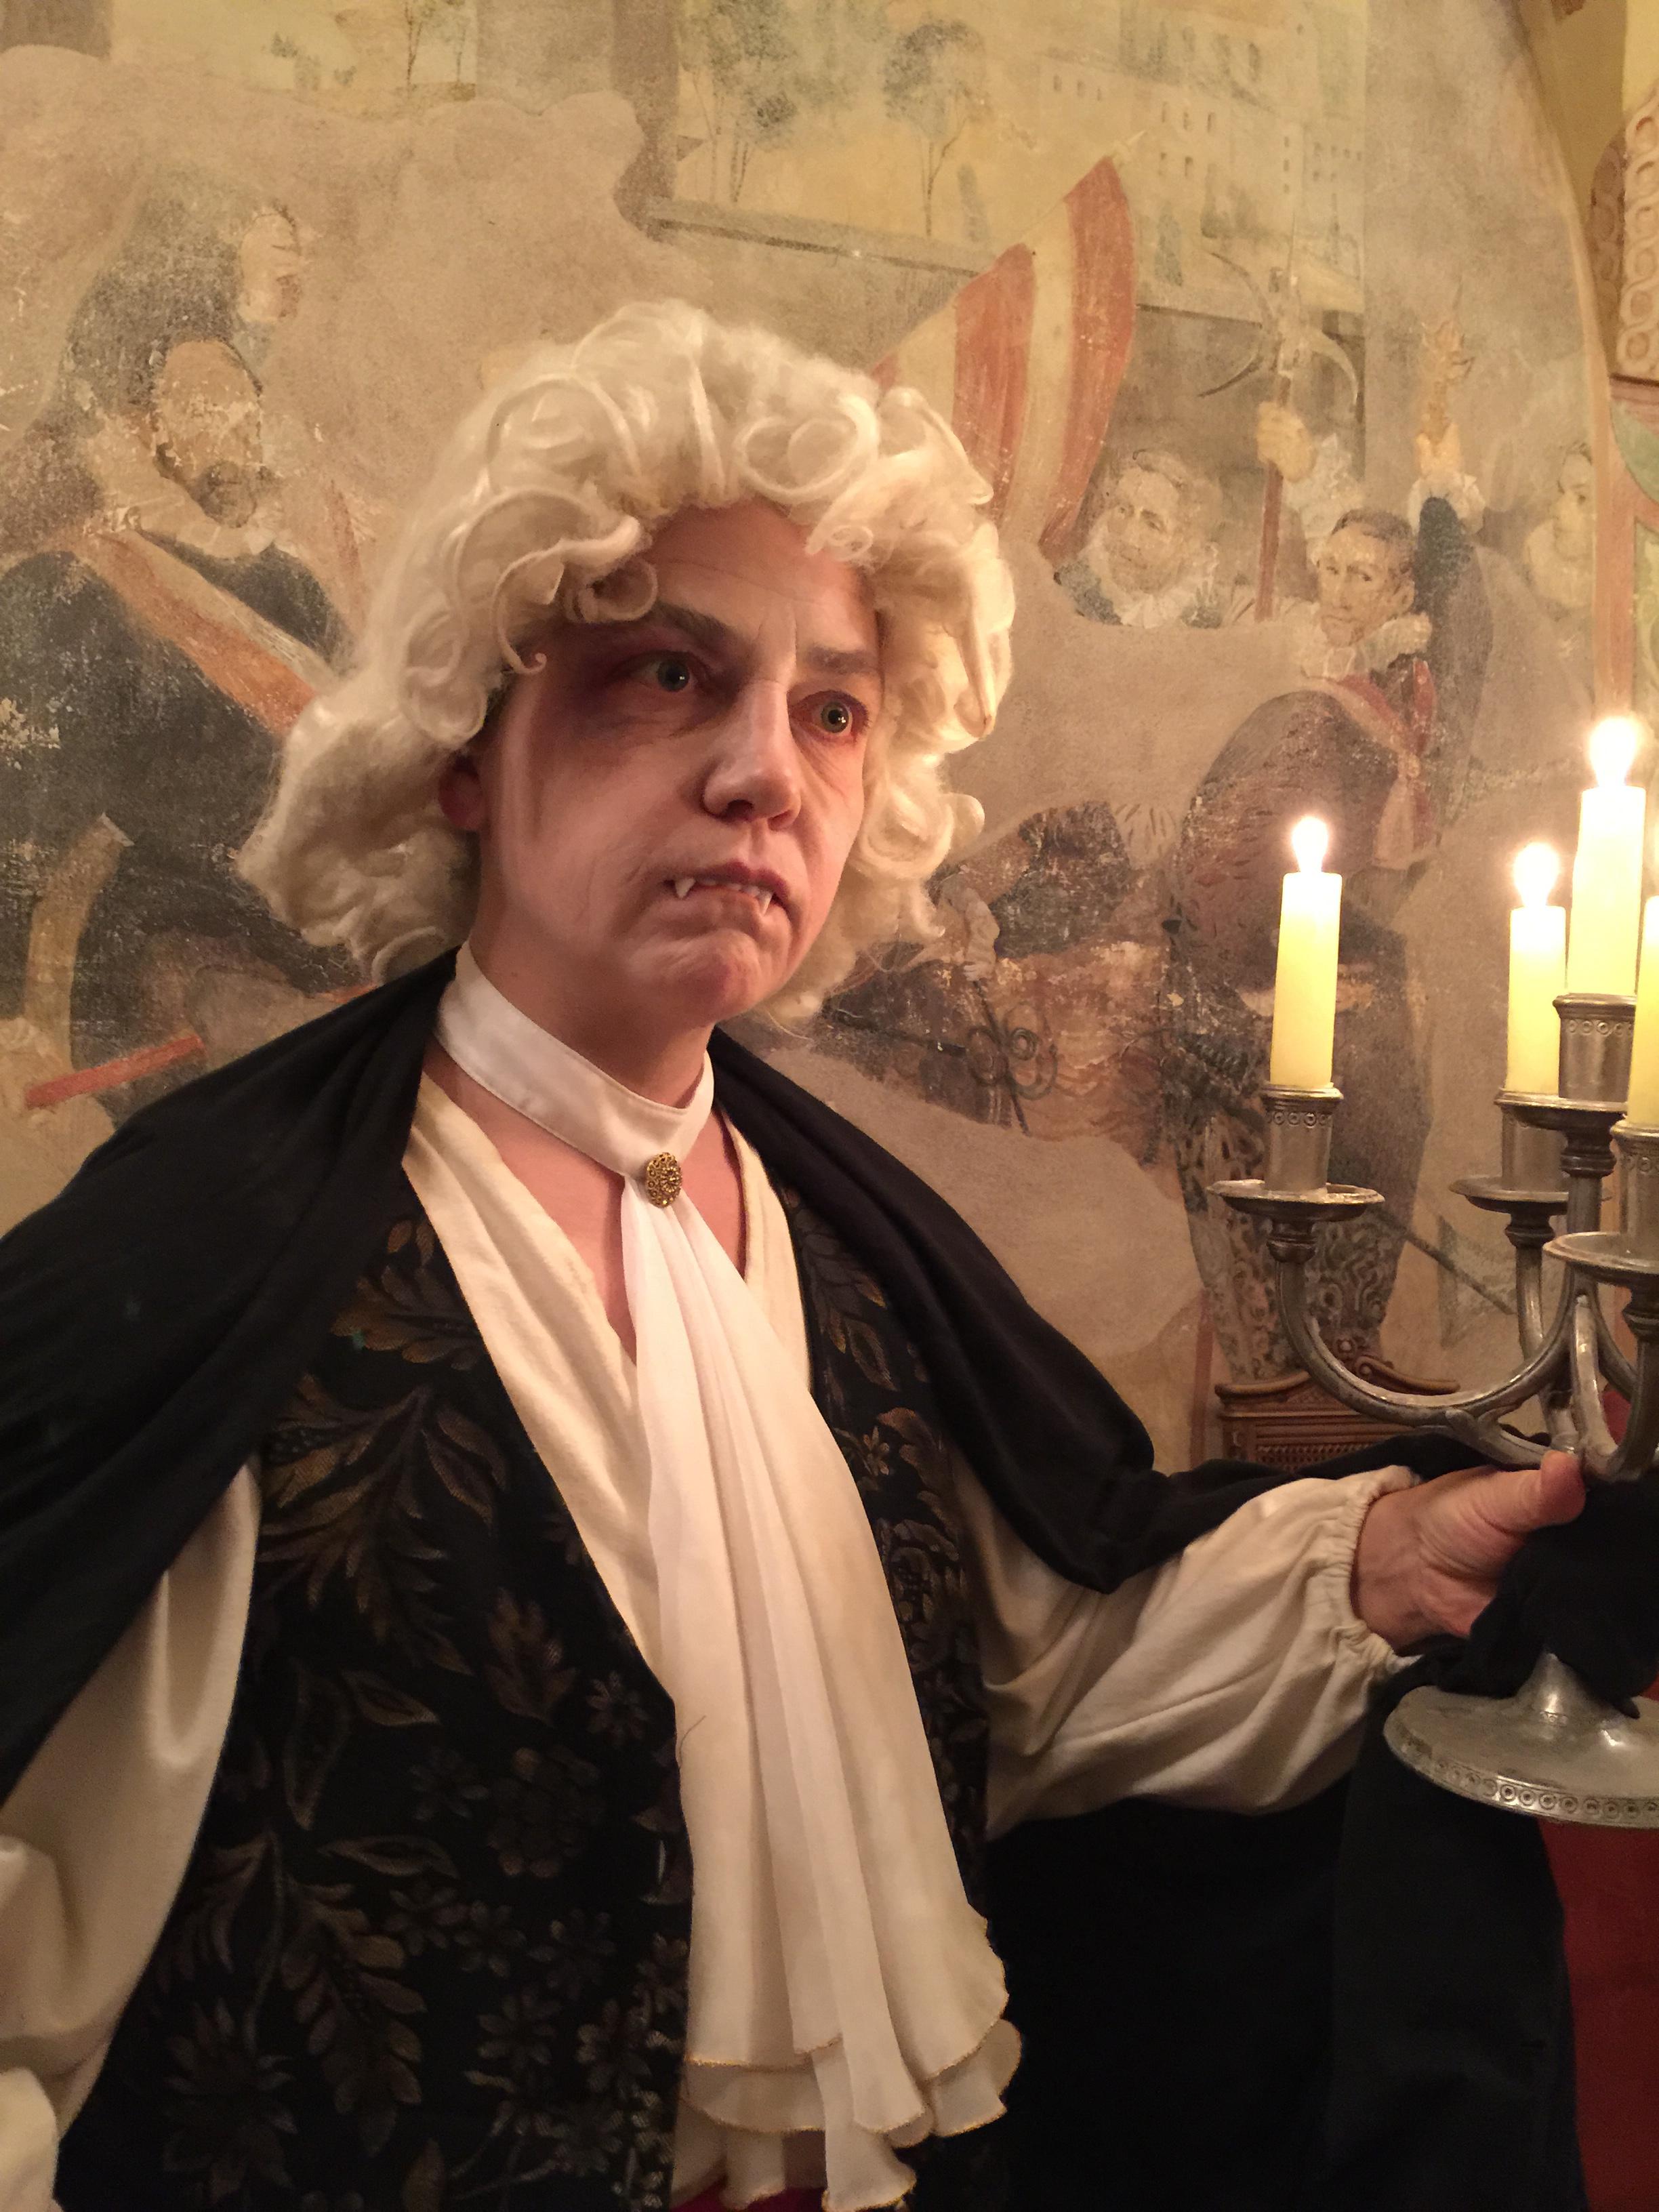 Strašidelné soboty s čarodějnicí Žizeldou a pohádkové neděle na zámku Dětenice